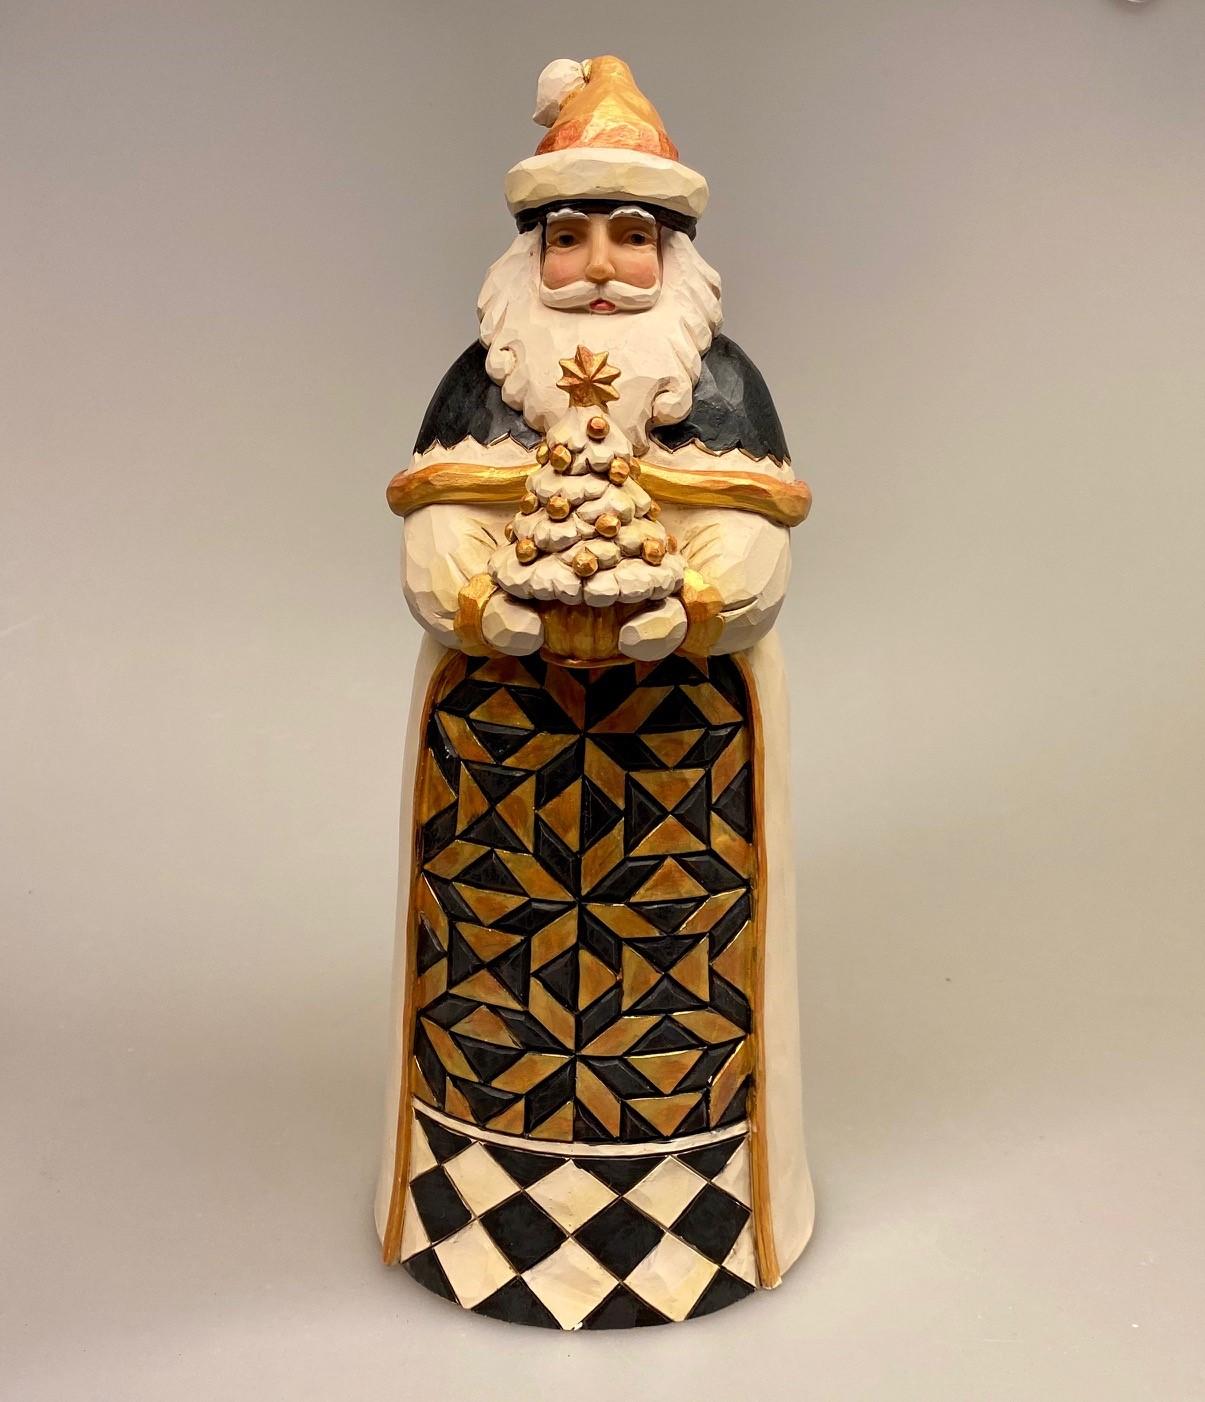 Jim Shore Heartwood creek - Julemand sort og guld med træ, stor figur, stor julemand, jim shore, figur, træfigur, træjulemand, håndsnittet, håndskåret, trænisse, nisse, nissemand, kunst, speciel, kunsthåndværk, tradition, amerikansk, engelsk, dansk, samleobjekt, samler, samlere, julepynt, julefigur, guld, gylden, sort, stilren, stiligt, biti, ribe, kermisk, håndmalet, håndlavet, særlig, eksklusiv,